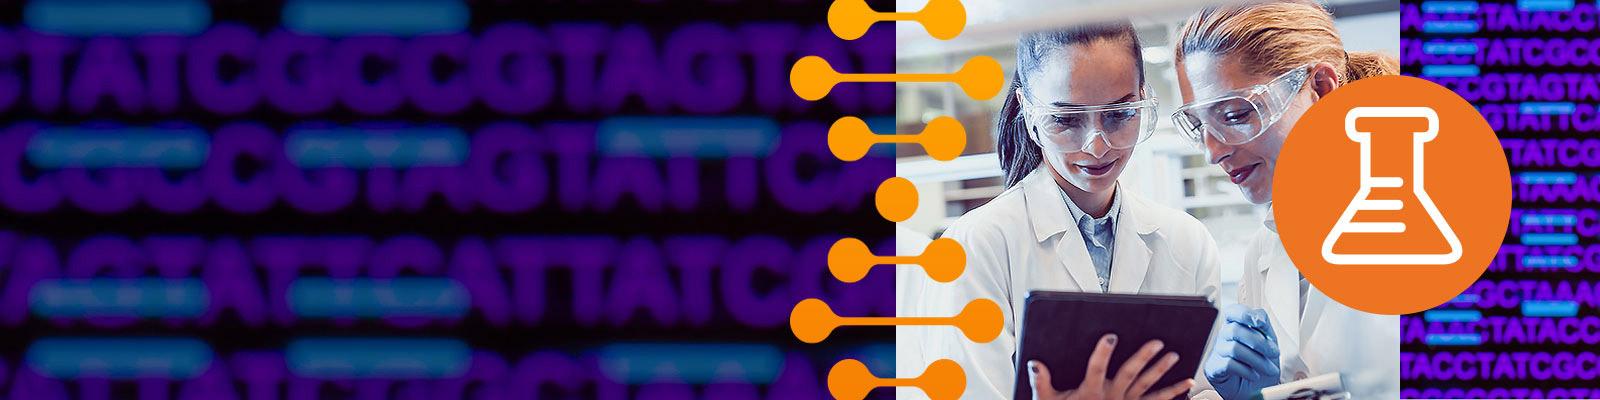 PacificDx CLIA Laboratory ResearchDx